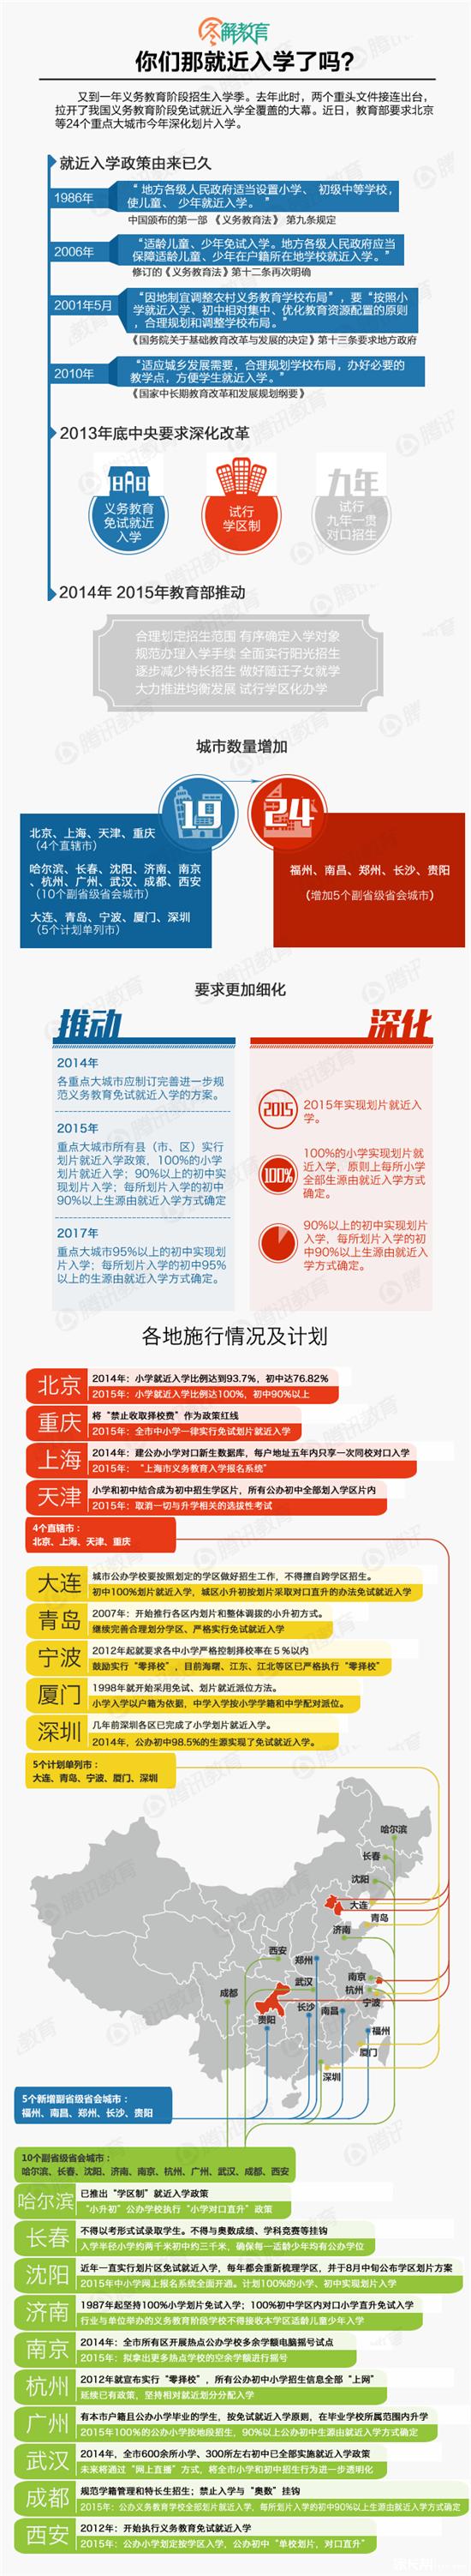 2015深圳小升初:一张图读懂就近入学